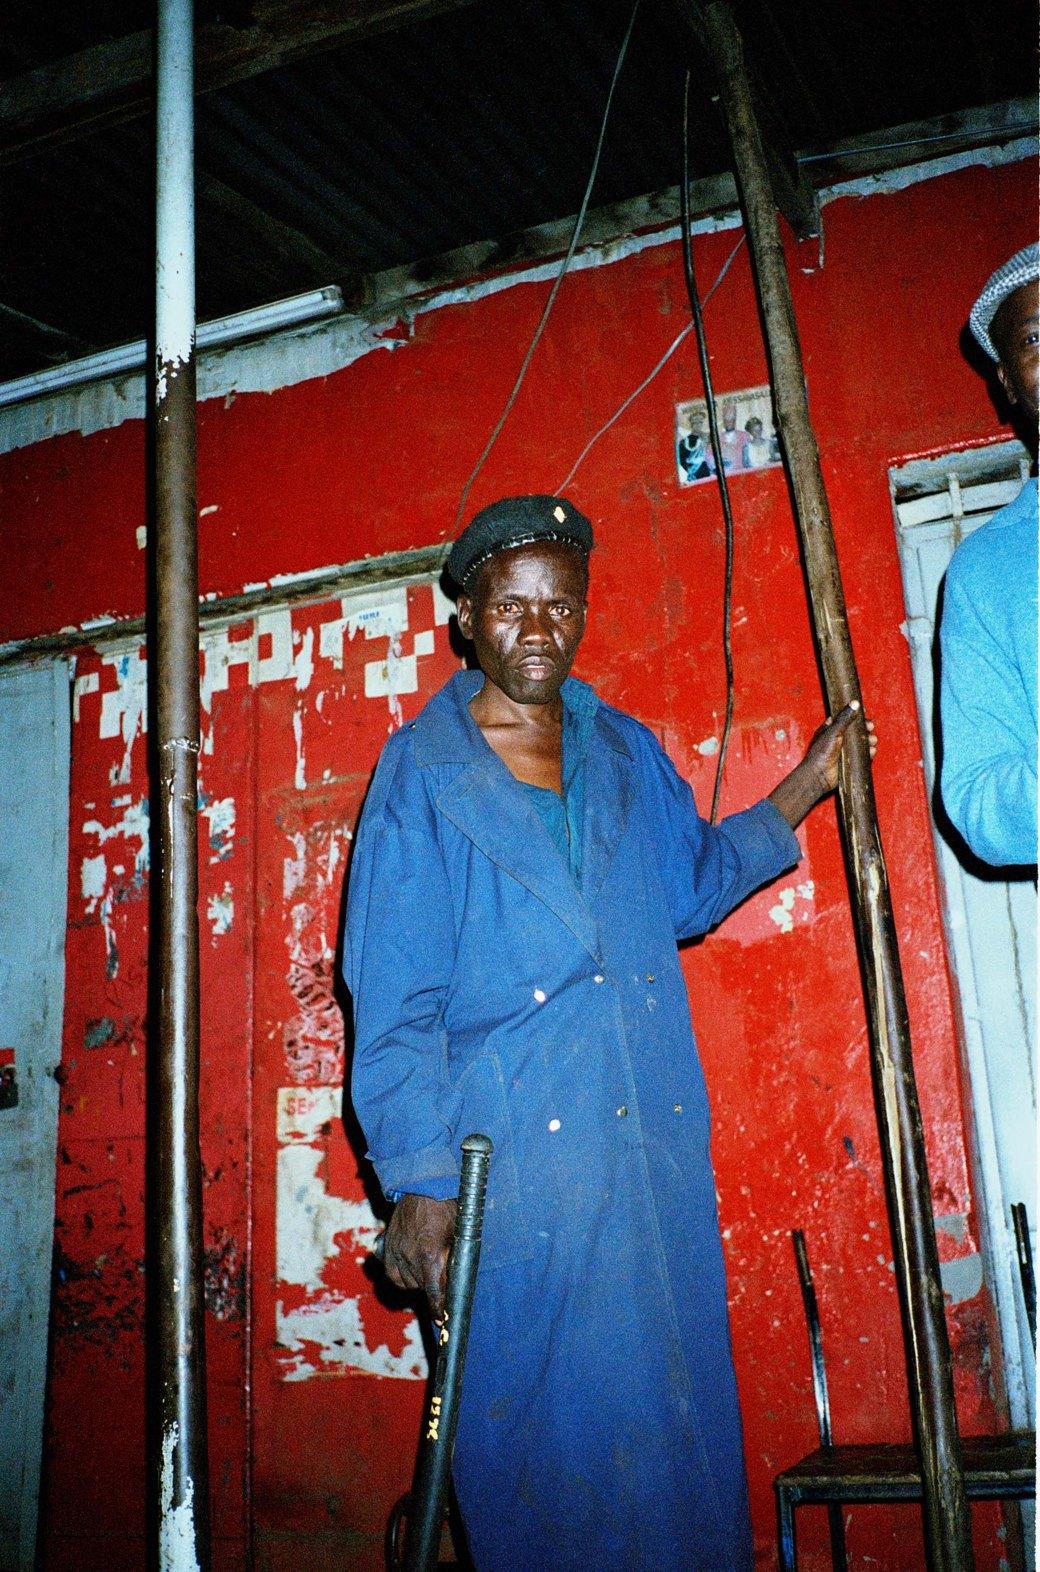 Сутенёры, лучники и золотая молодёжь: Фоторепортаж о ночной жизни в Уганде. Изображение № 10.